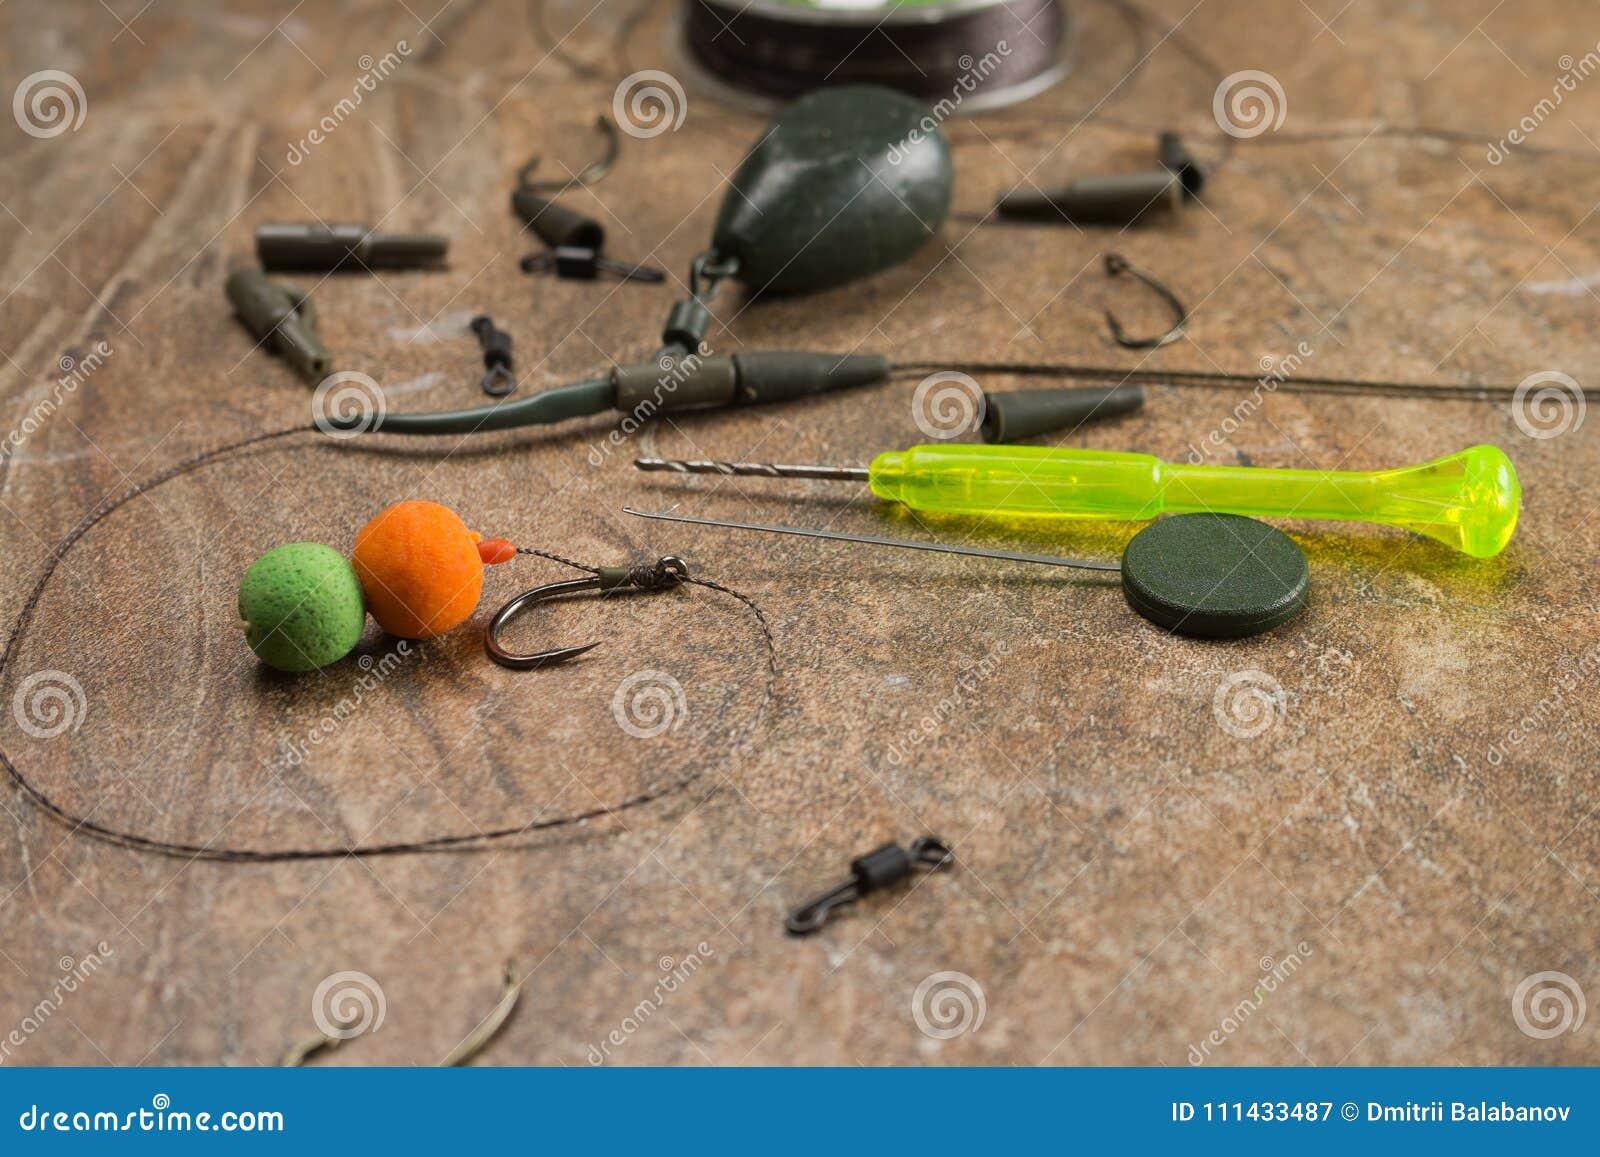 Baits, hooks, sinkers, ledcor is preparing for carp fishing. Copy paste